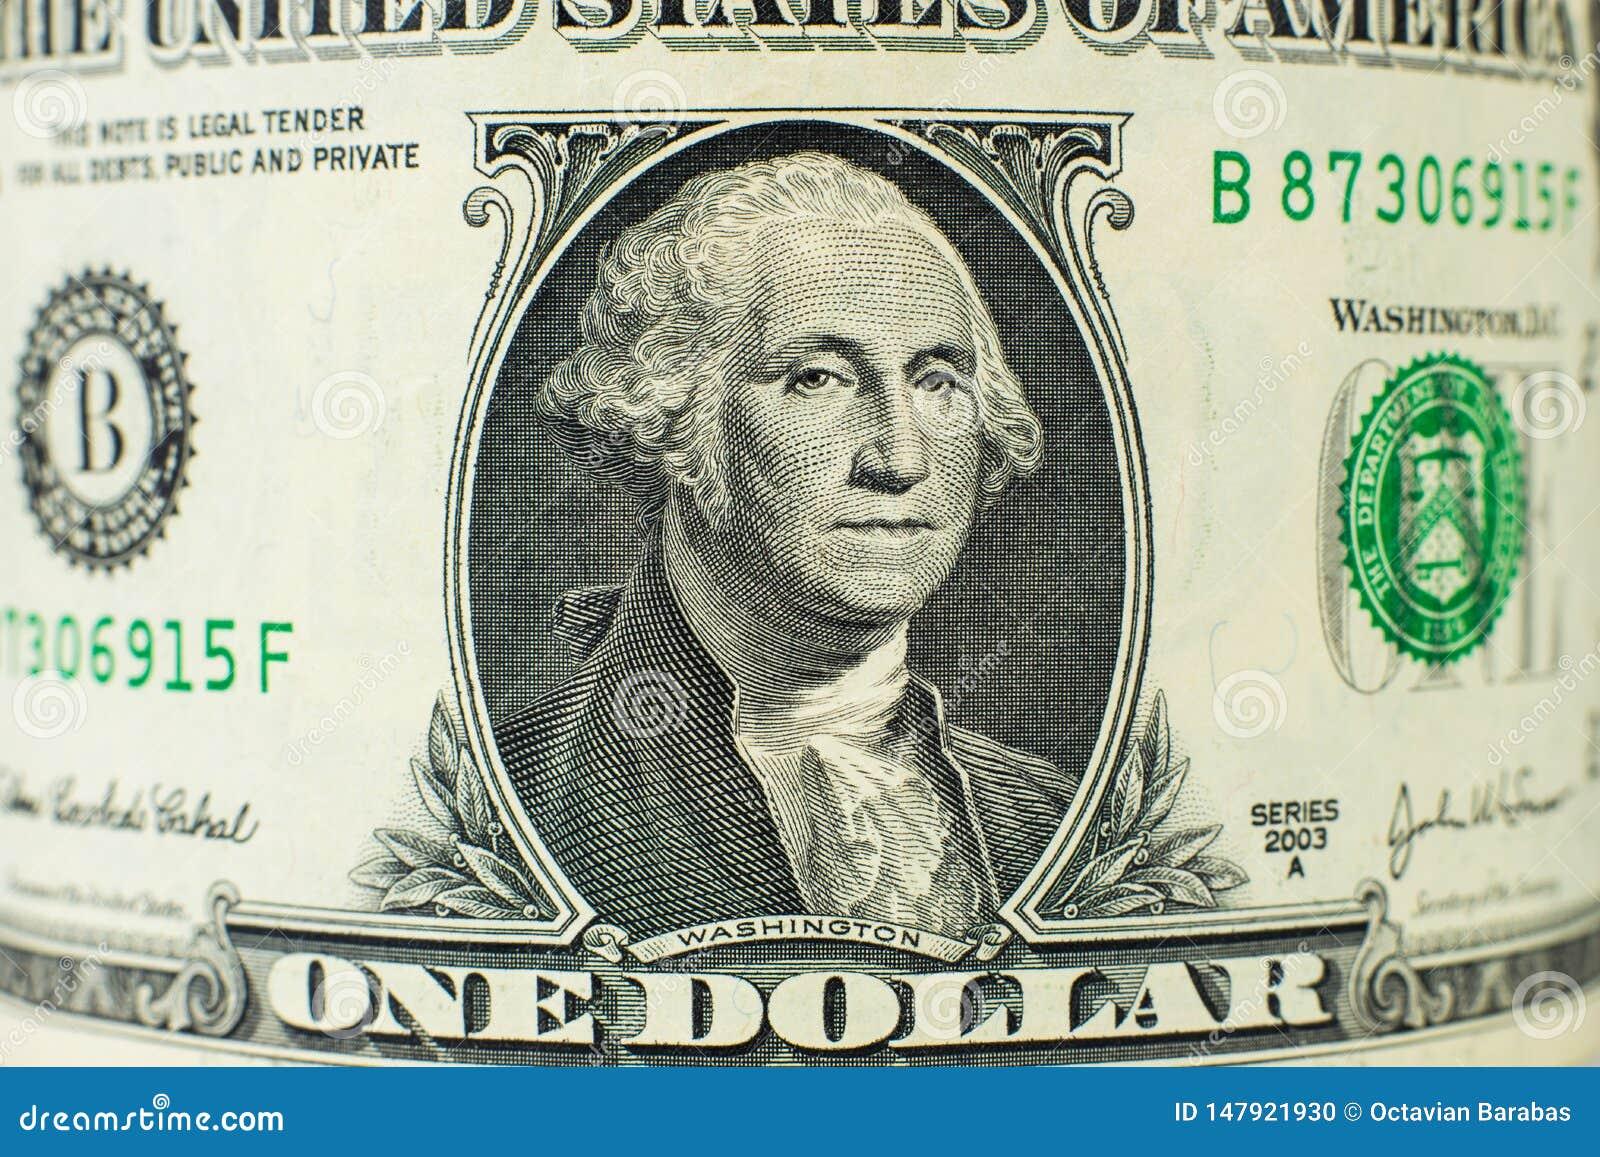 Retrato em uma nota de dólar